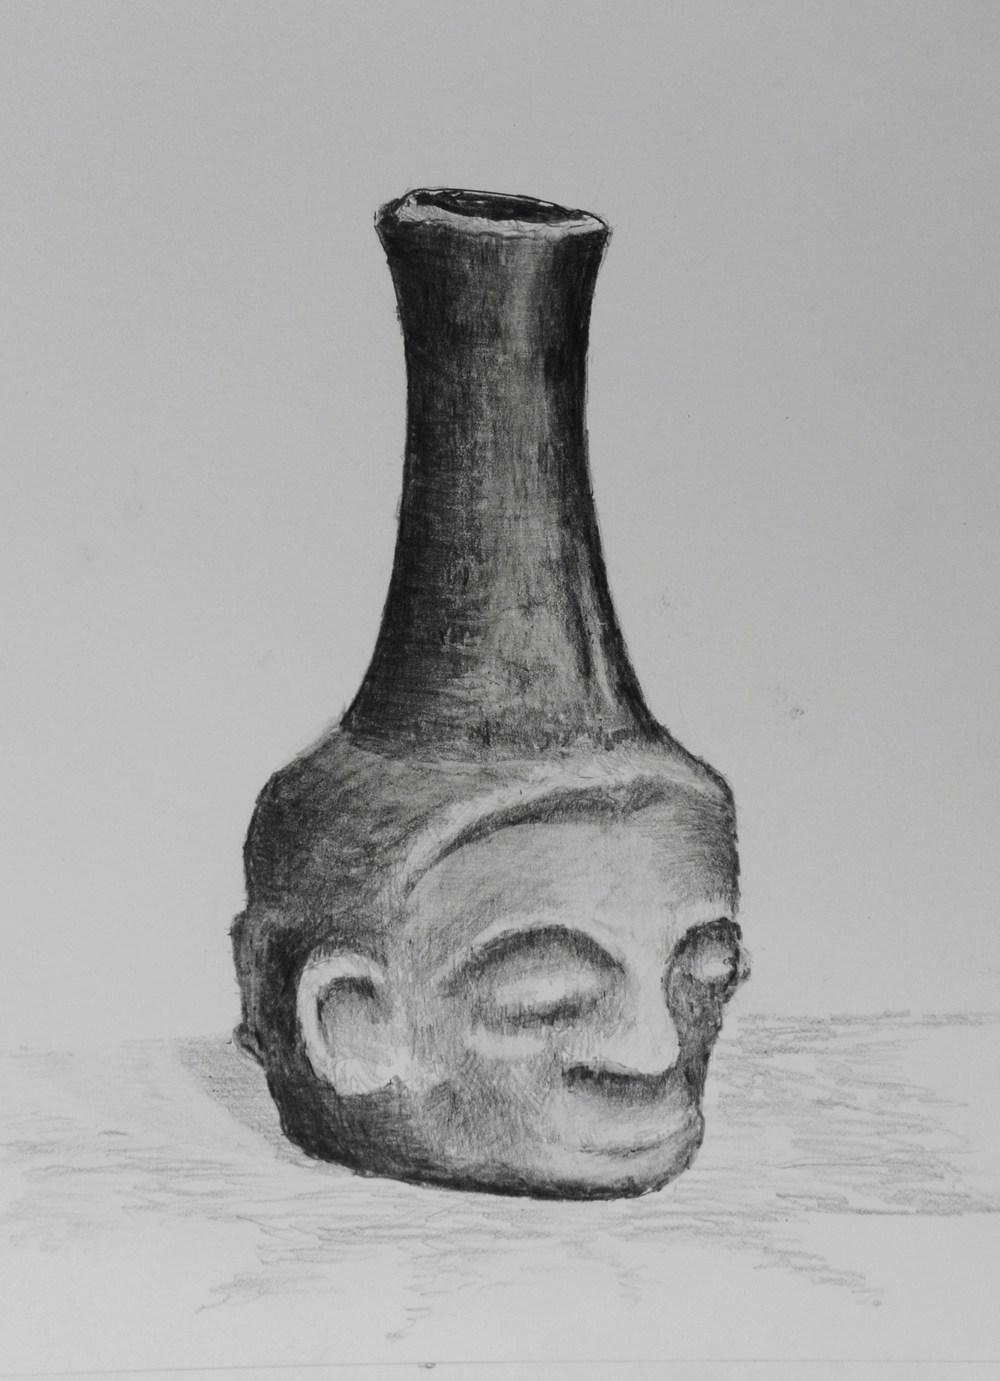 Face Pot ca 1200 A.D.